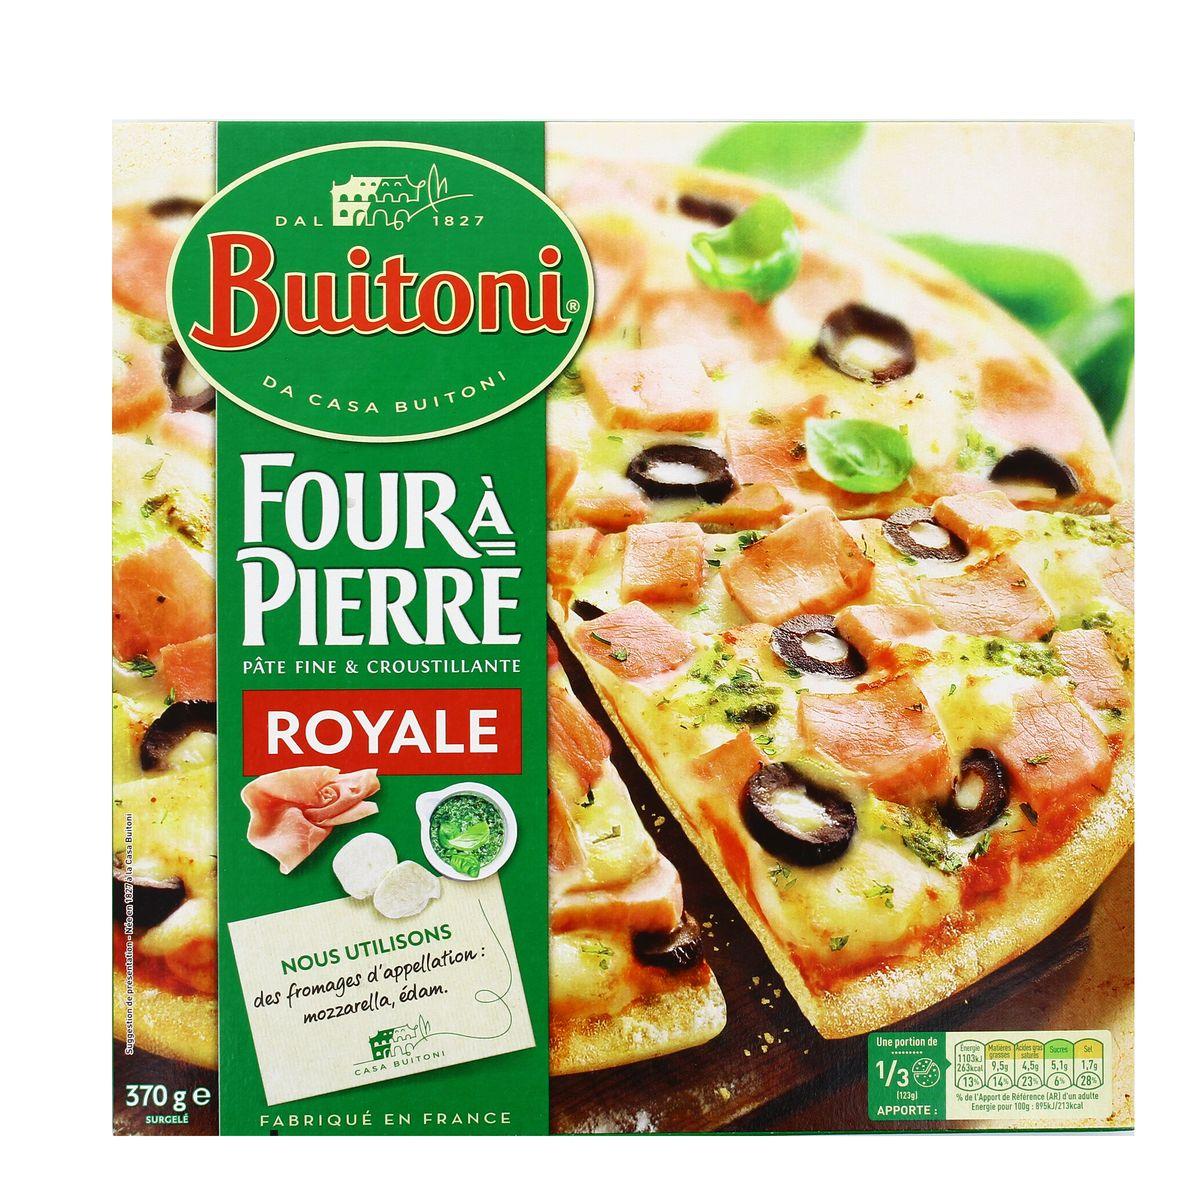 Croquette De Jambon Au Four achat buitoni four à pierre pizza royale jambon fromage olives basilic